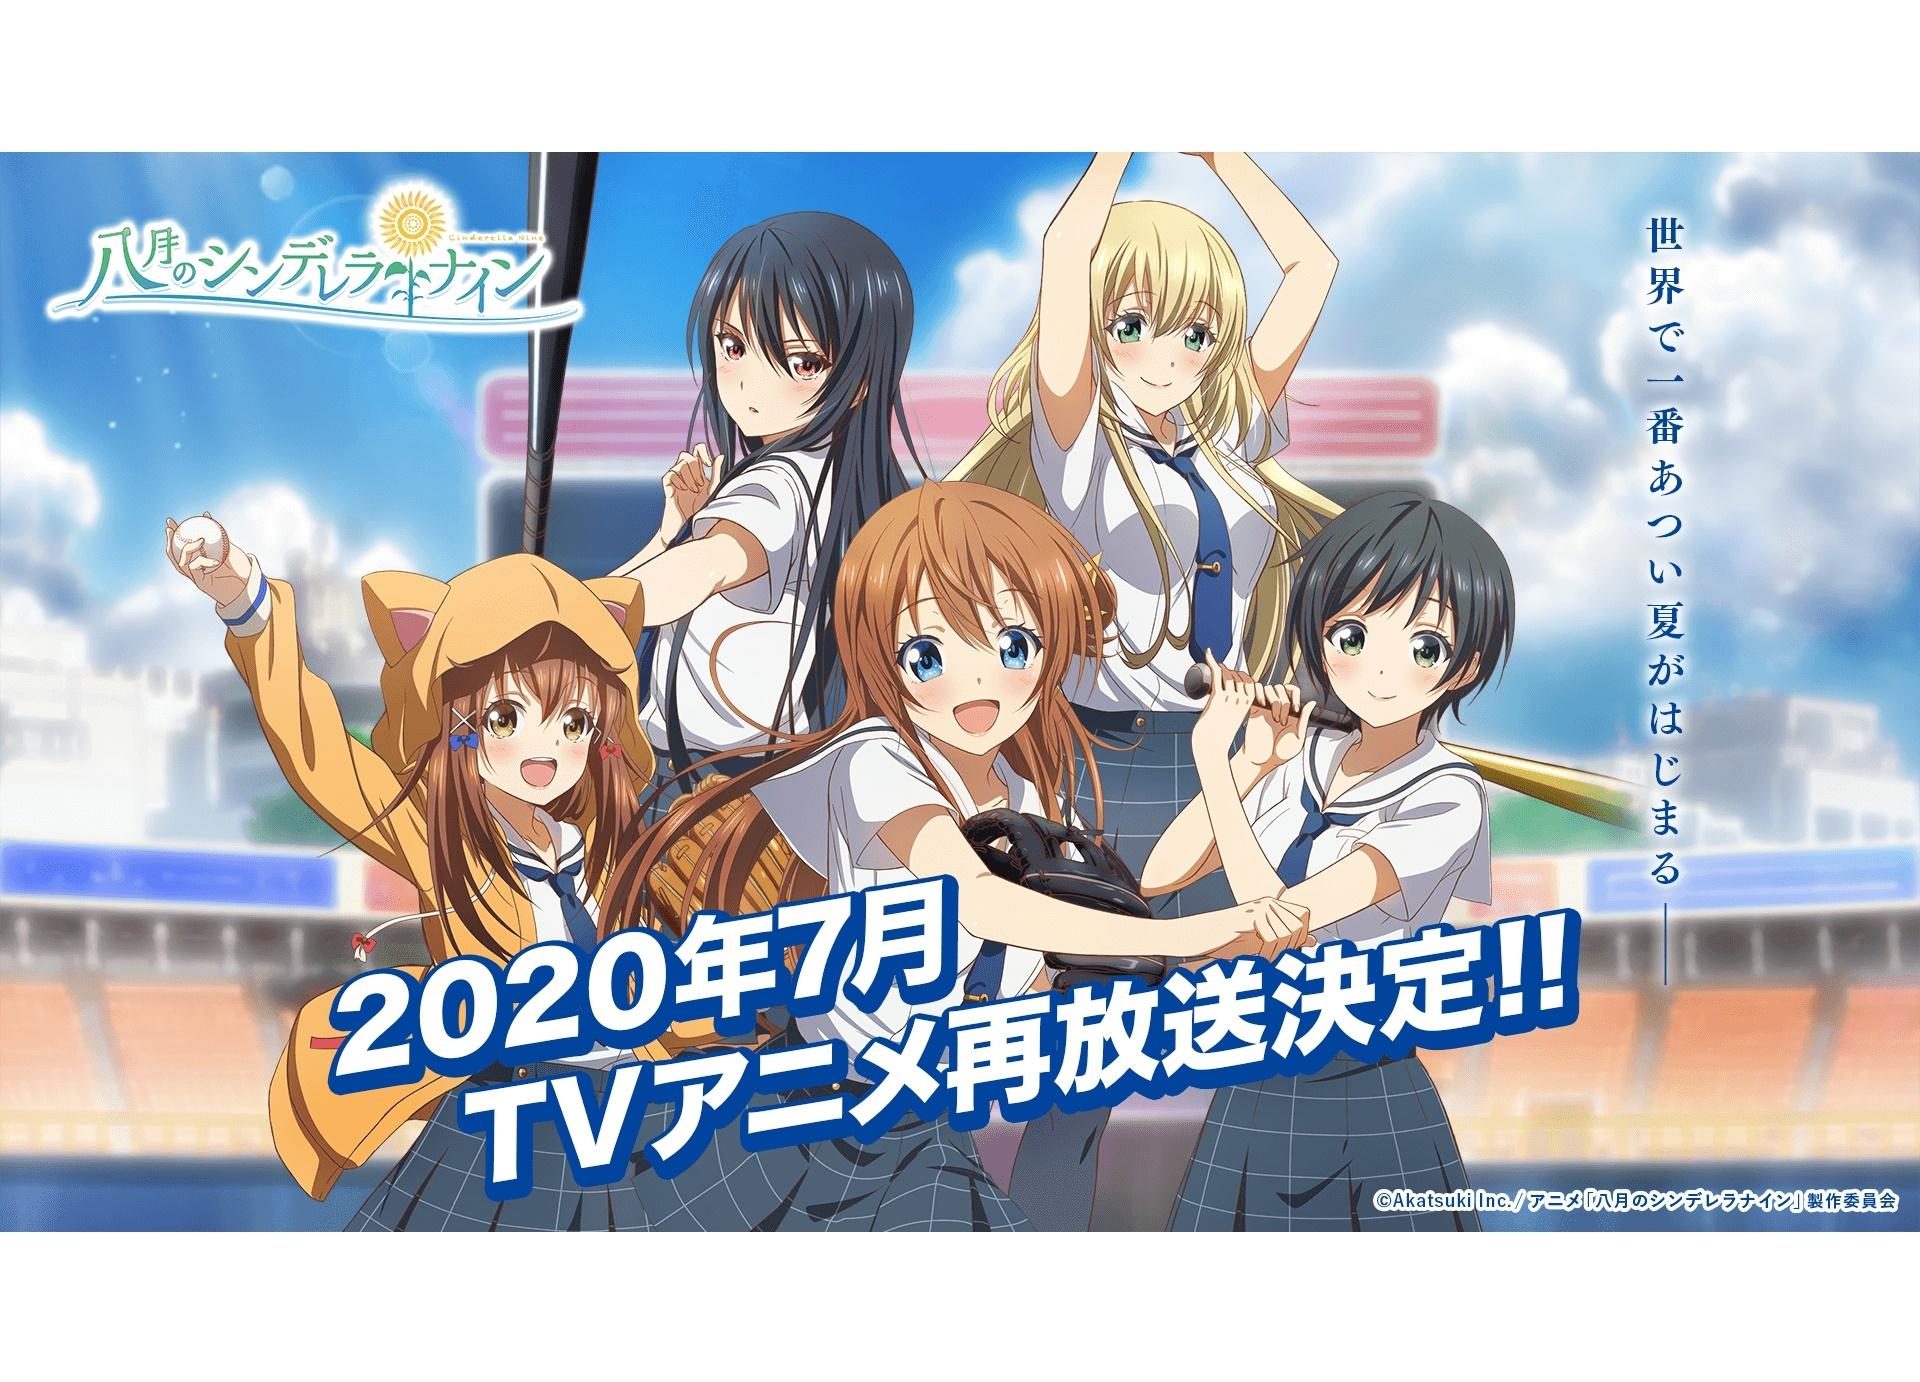 TVアニメ『ハチナイ』2020年7月より再放送が決定